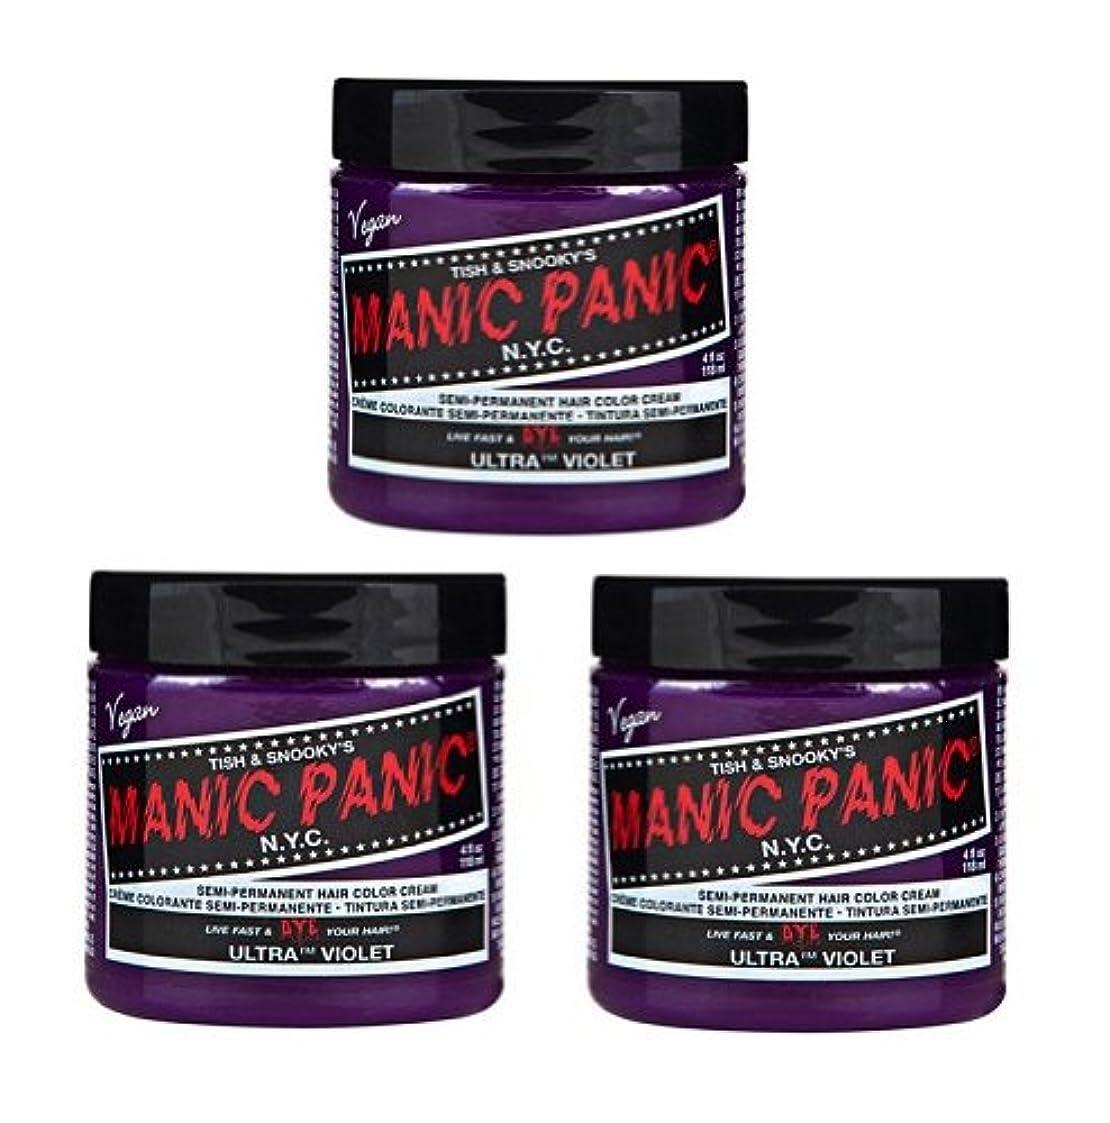 無傷クランプ遅い【3個セット】MANIC PANIC マニックパニック Ultra Violet ウルトラヴァイオレット 118ml